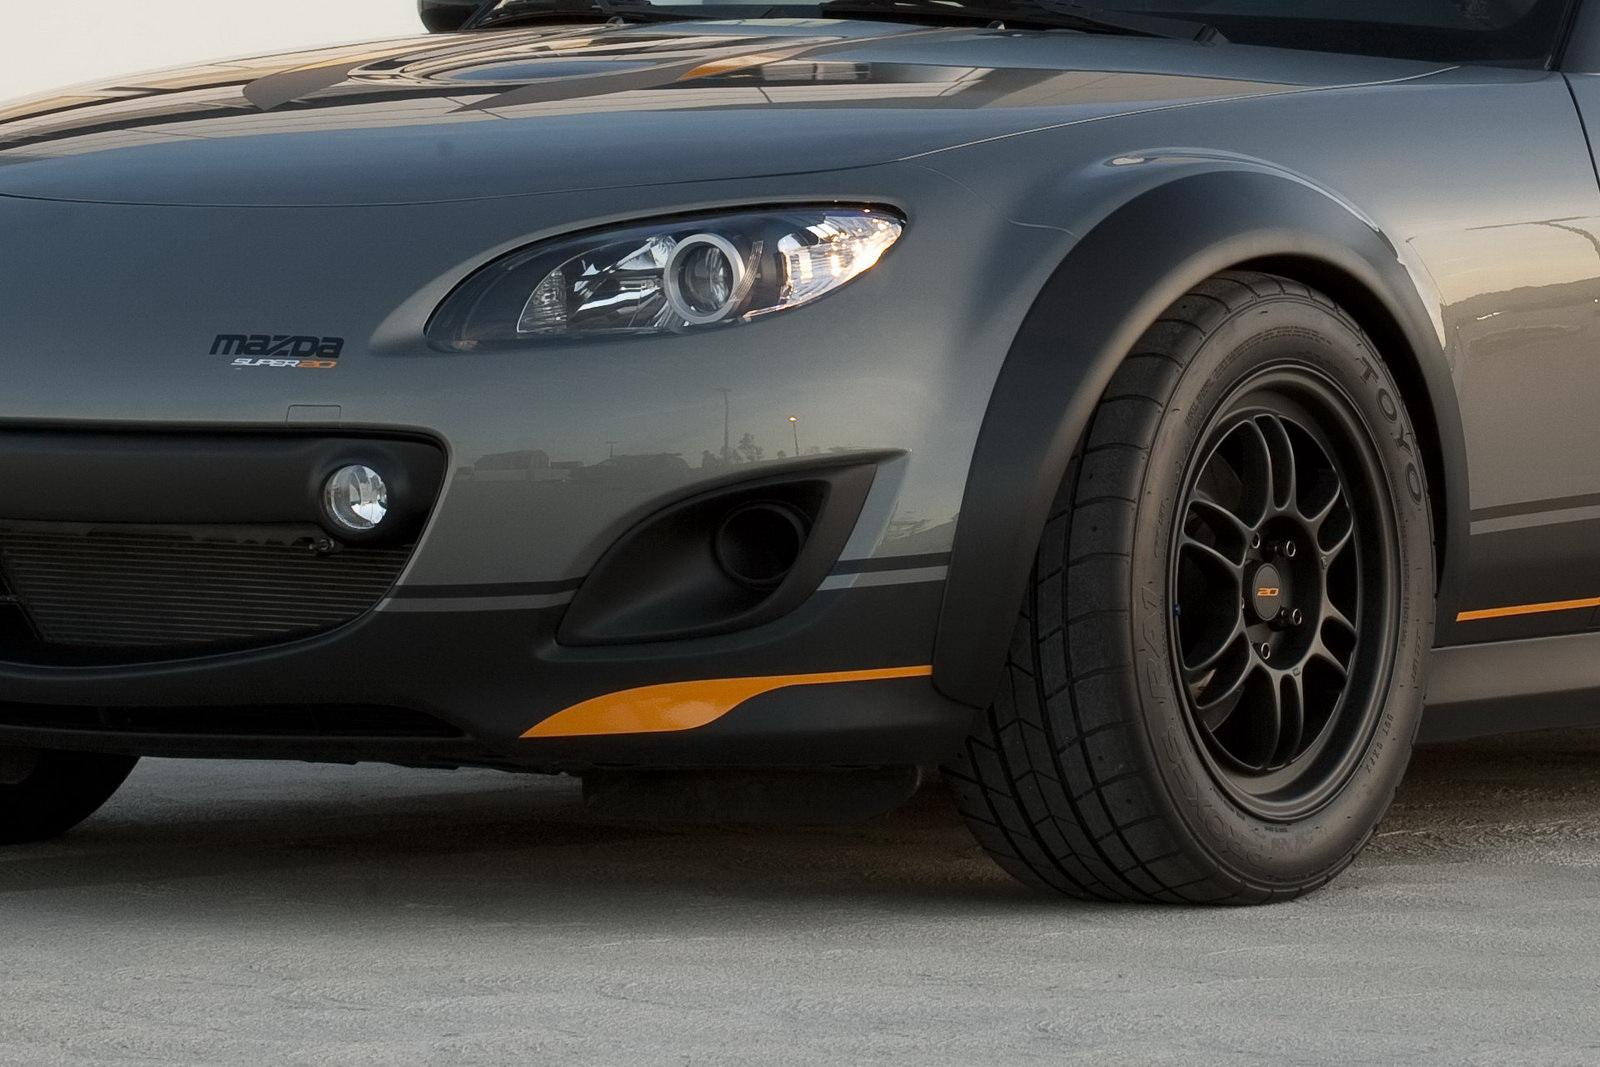 Mazda Cx 5 White >> Mazda MX-5 Super20 Unveiled at SEMA 2010 - autoevolution